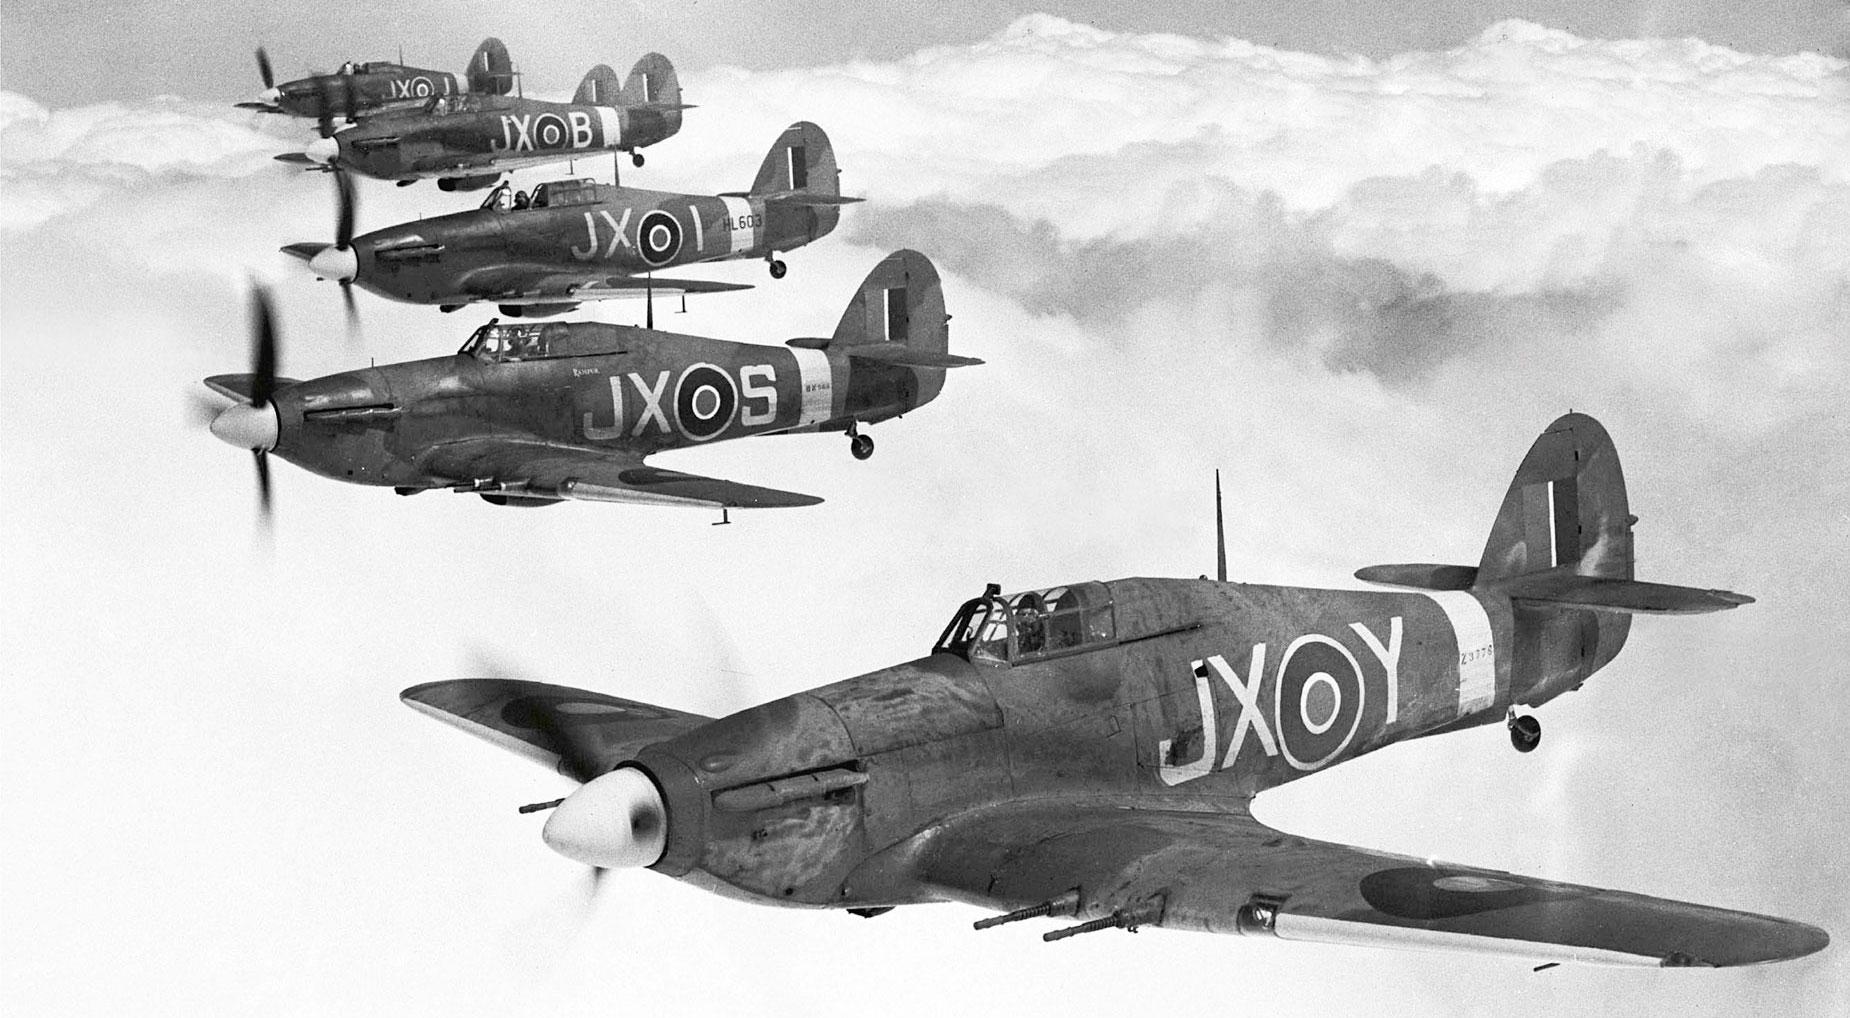 Hawker Hurricane Avionslegendaires Net